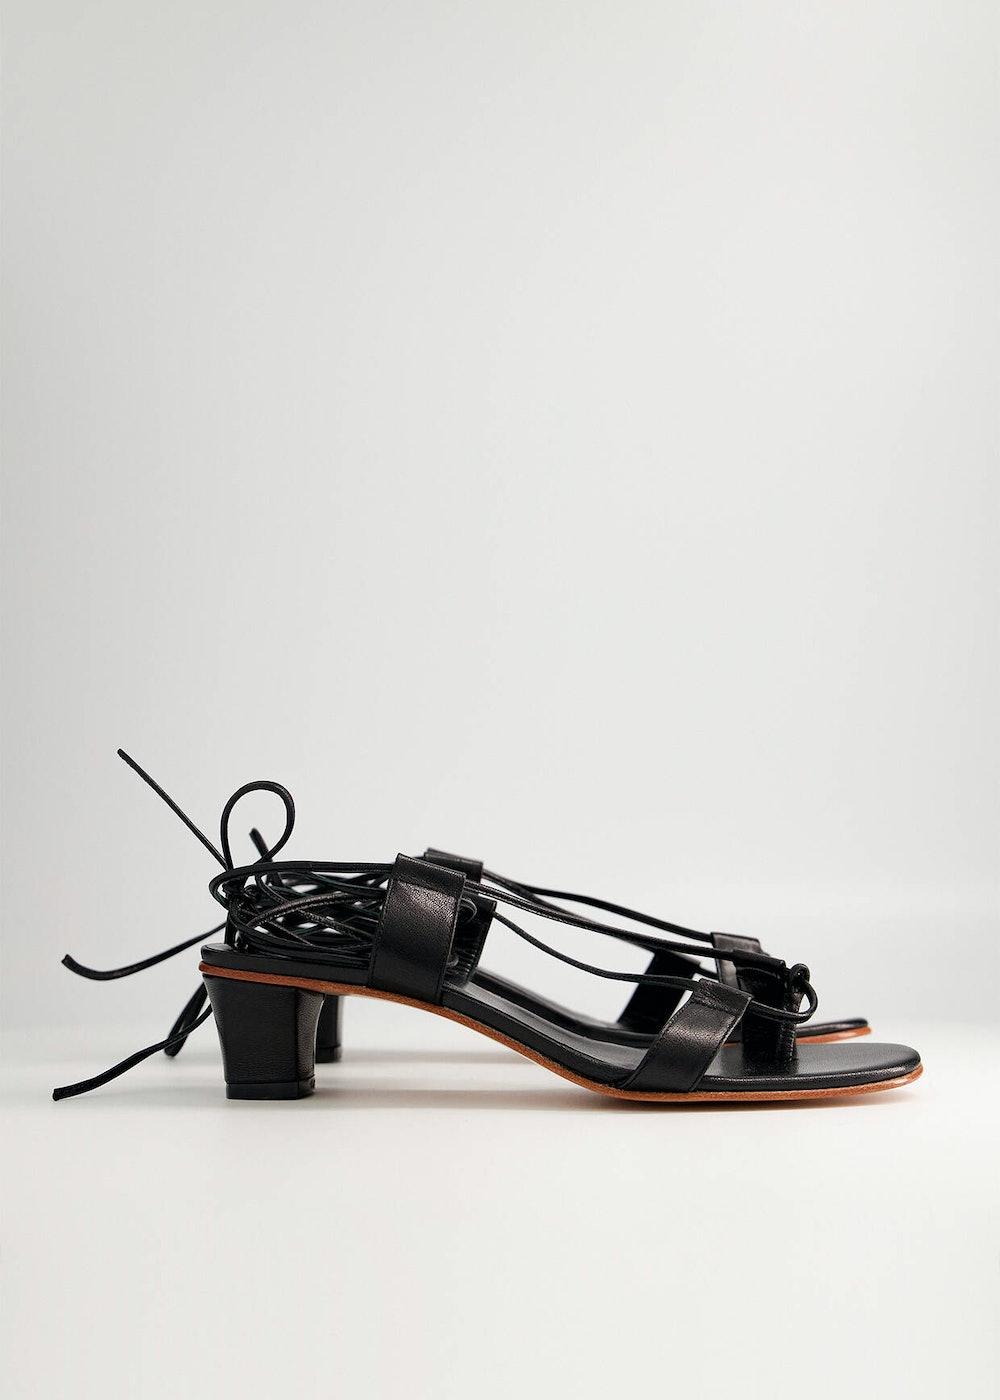 Pavone Sandal in Black